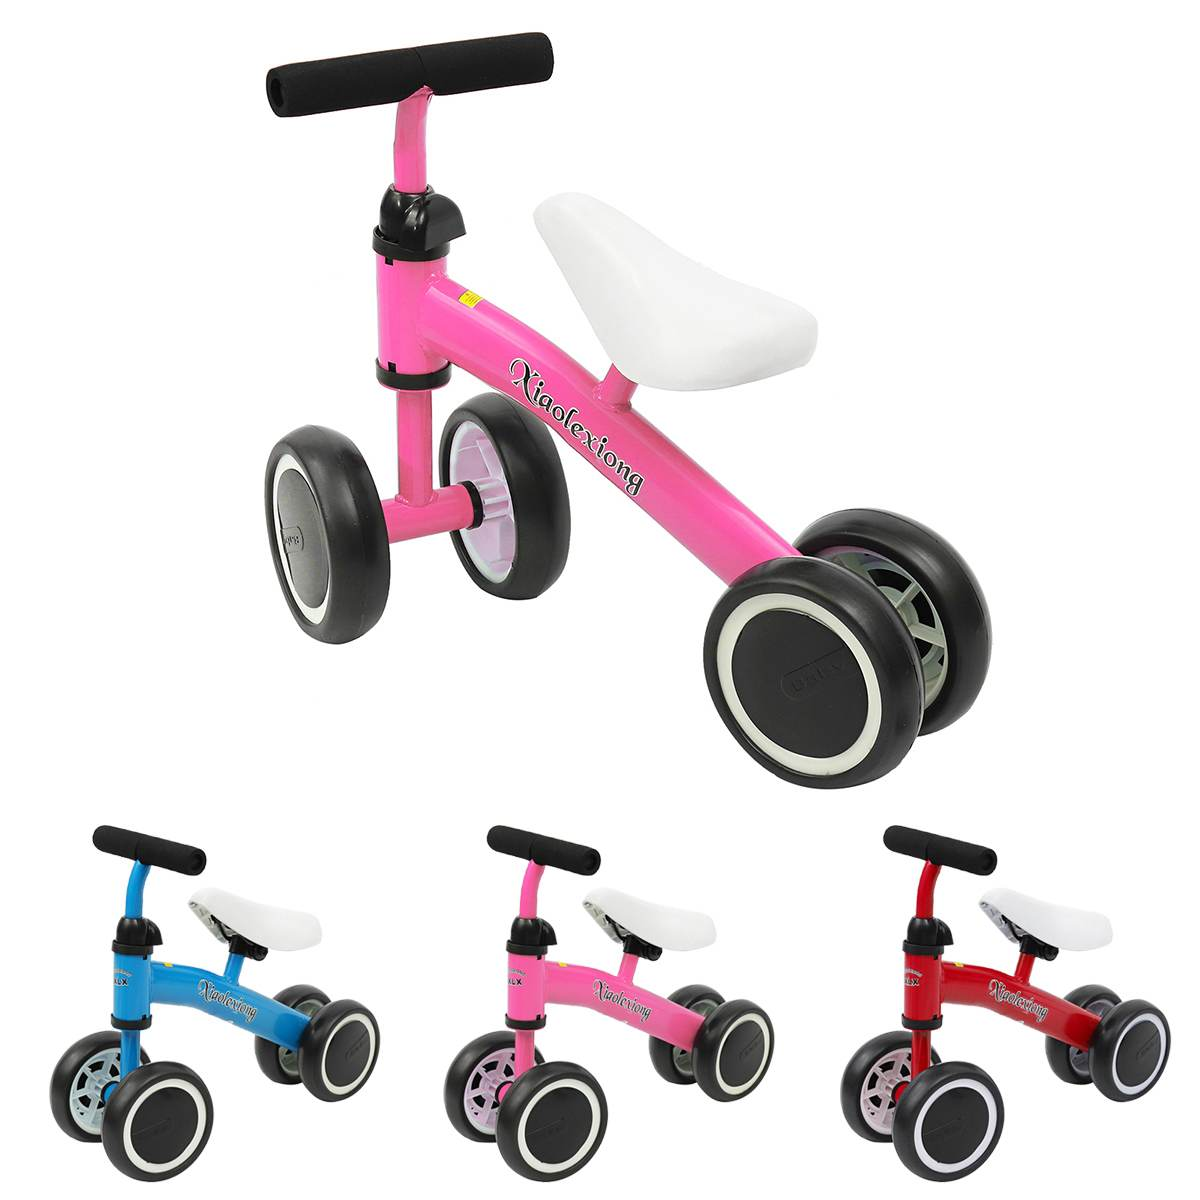 Bébé Balance vélo apprendre à marcher obtenir l'équilibre sens pas de pédale équitation jouets enfants bébé bambin enfant vélo formateur 40x52x28 cm